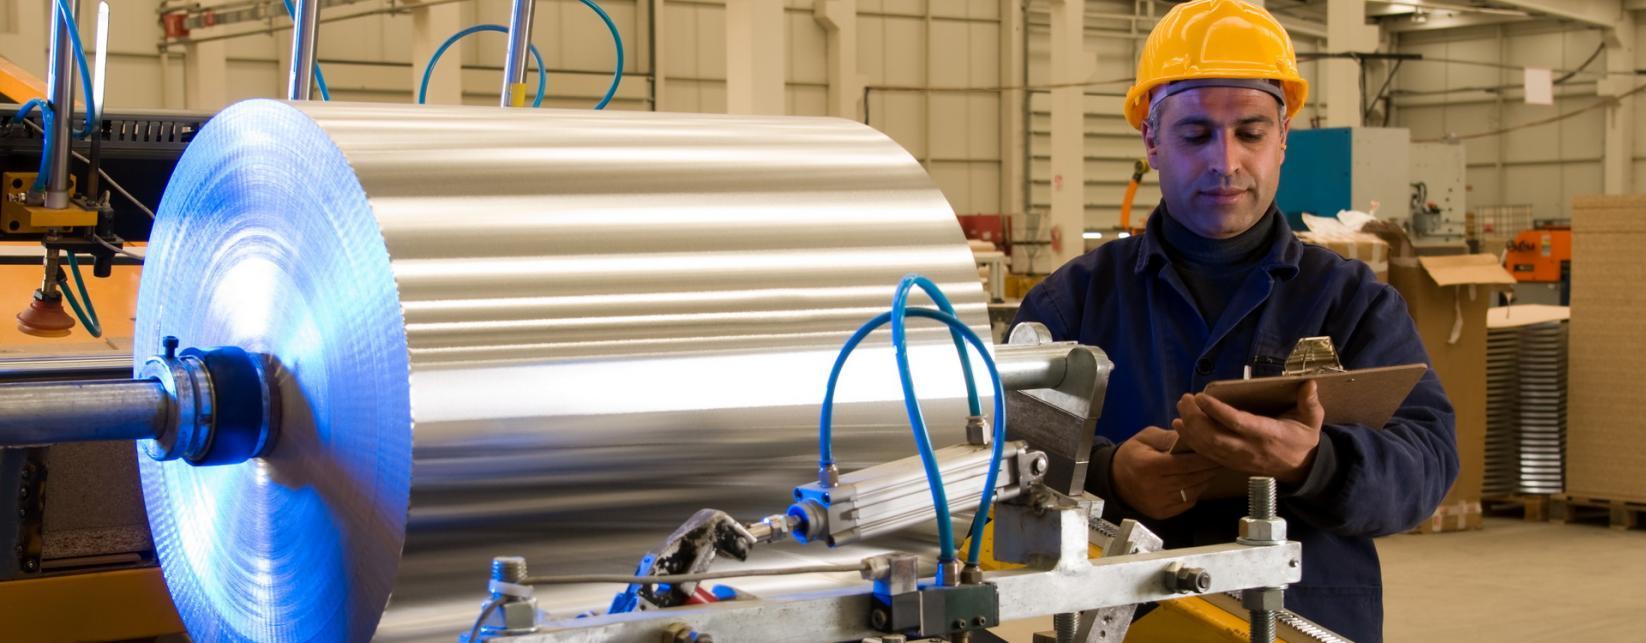 СЦ «ОСТЕСТ» оказывает услуги по сертификации взрывозащищенного оборудования. Согласно действующим нормам, приборы для эксплуатации во взрывоопасных средах, должны отвечать высоким стандартам безопасности.